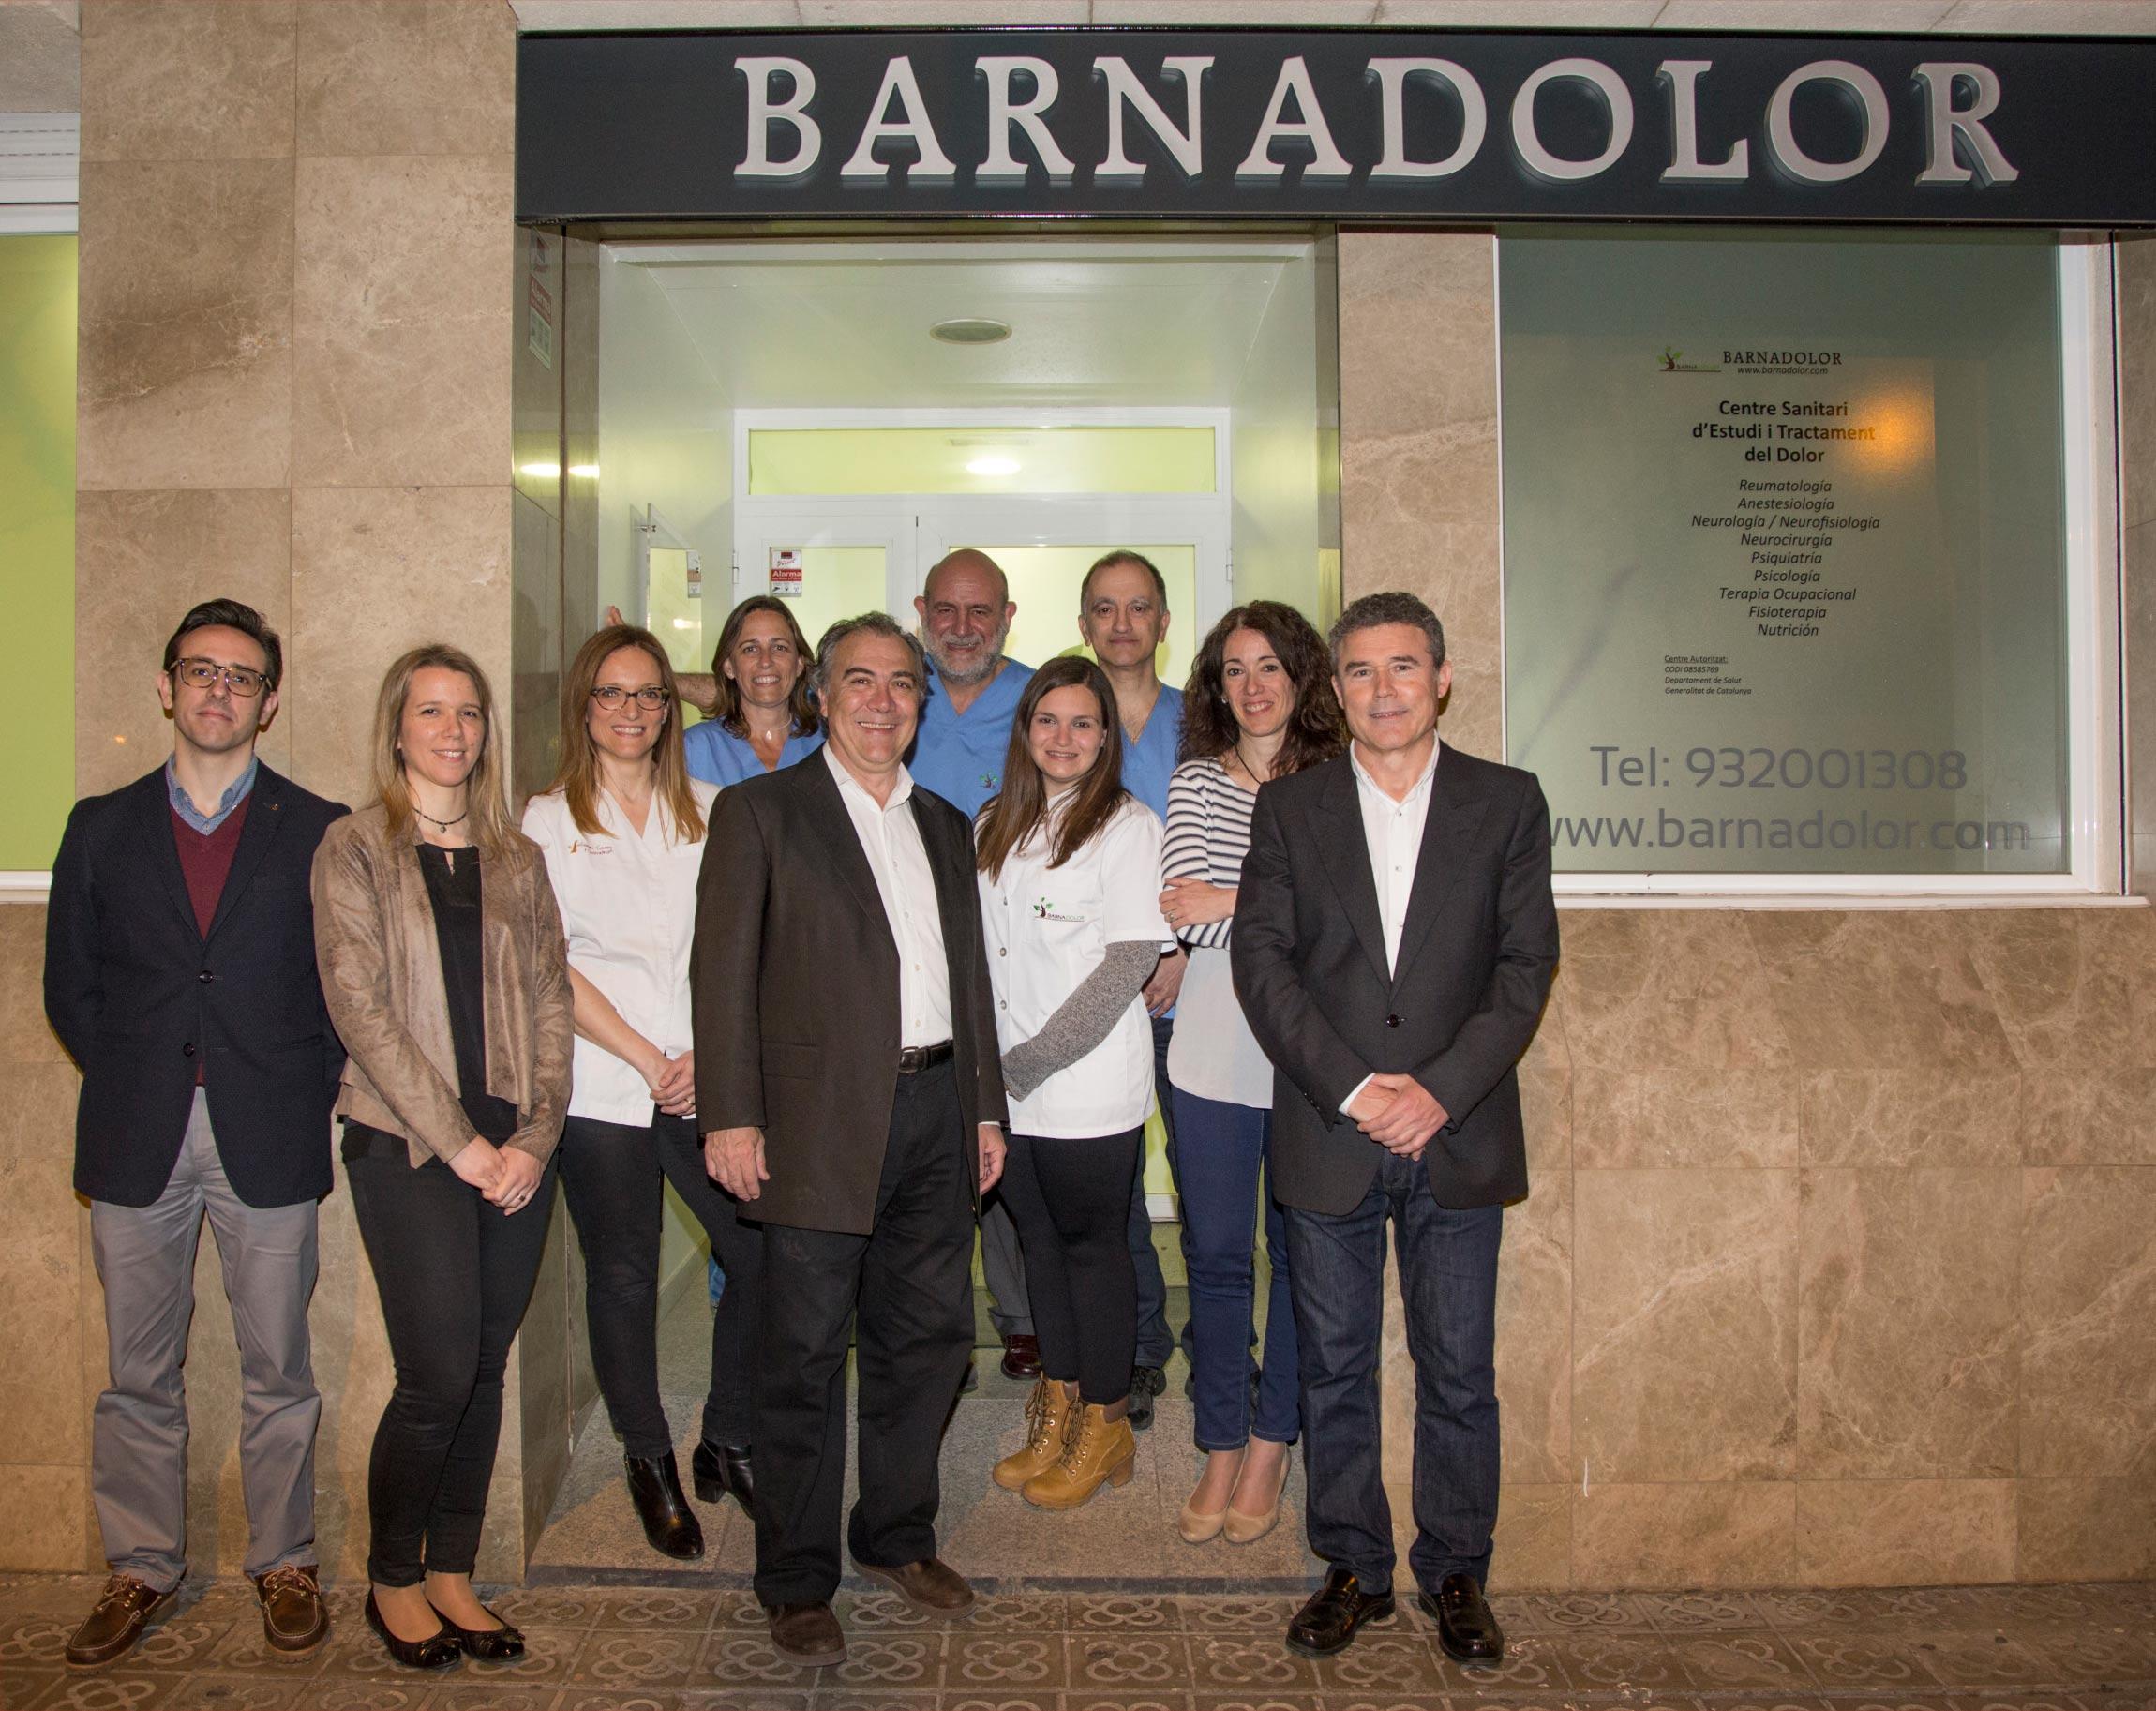 Barnadolor. Clínica de medicina del dolor en Barcelona